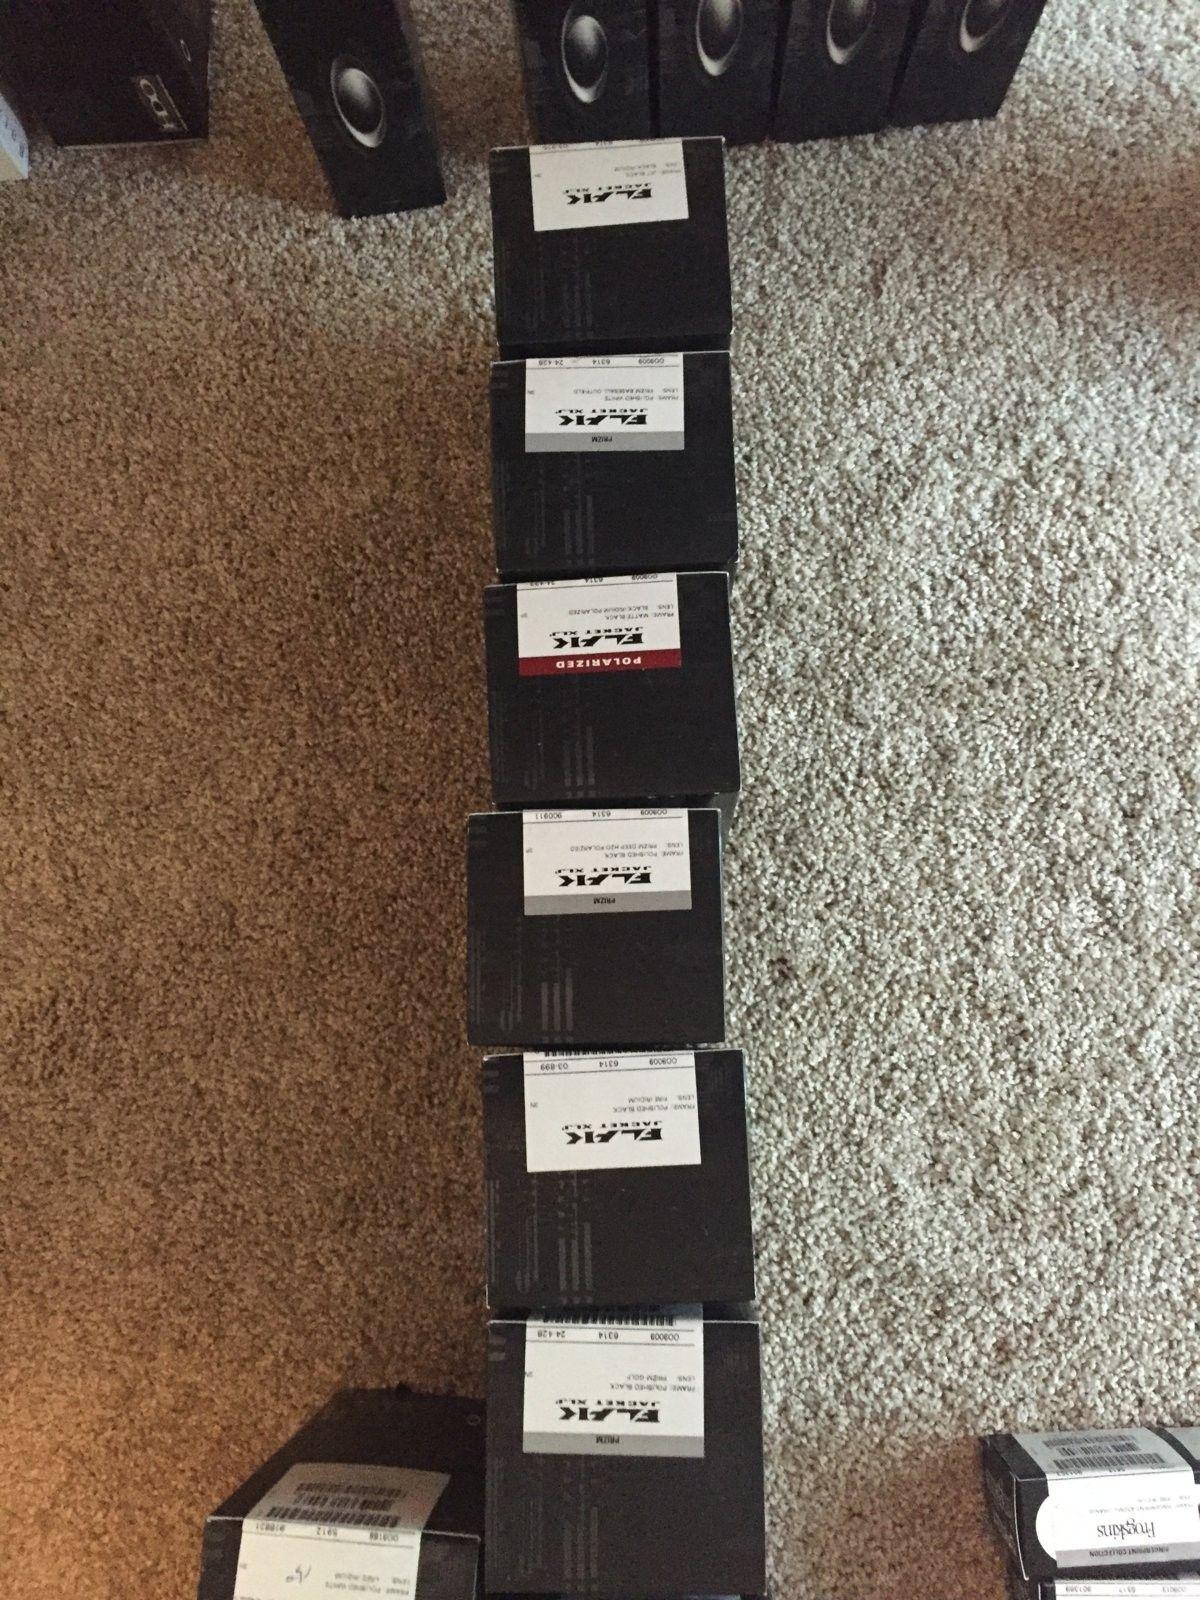 Large lot of Oakleys for sale LIST UPDATED HUGE PRICE DROP!!!! 6/22/16 - image5.JPG